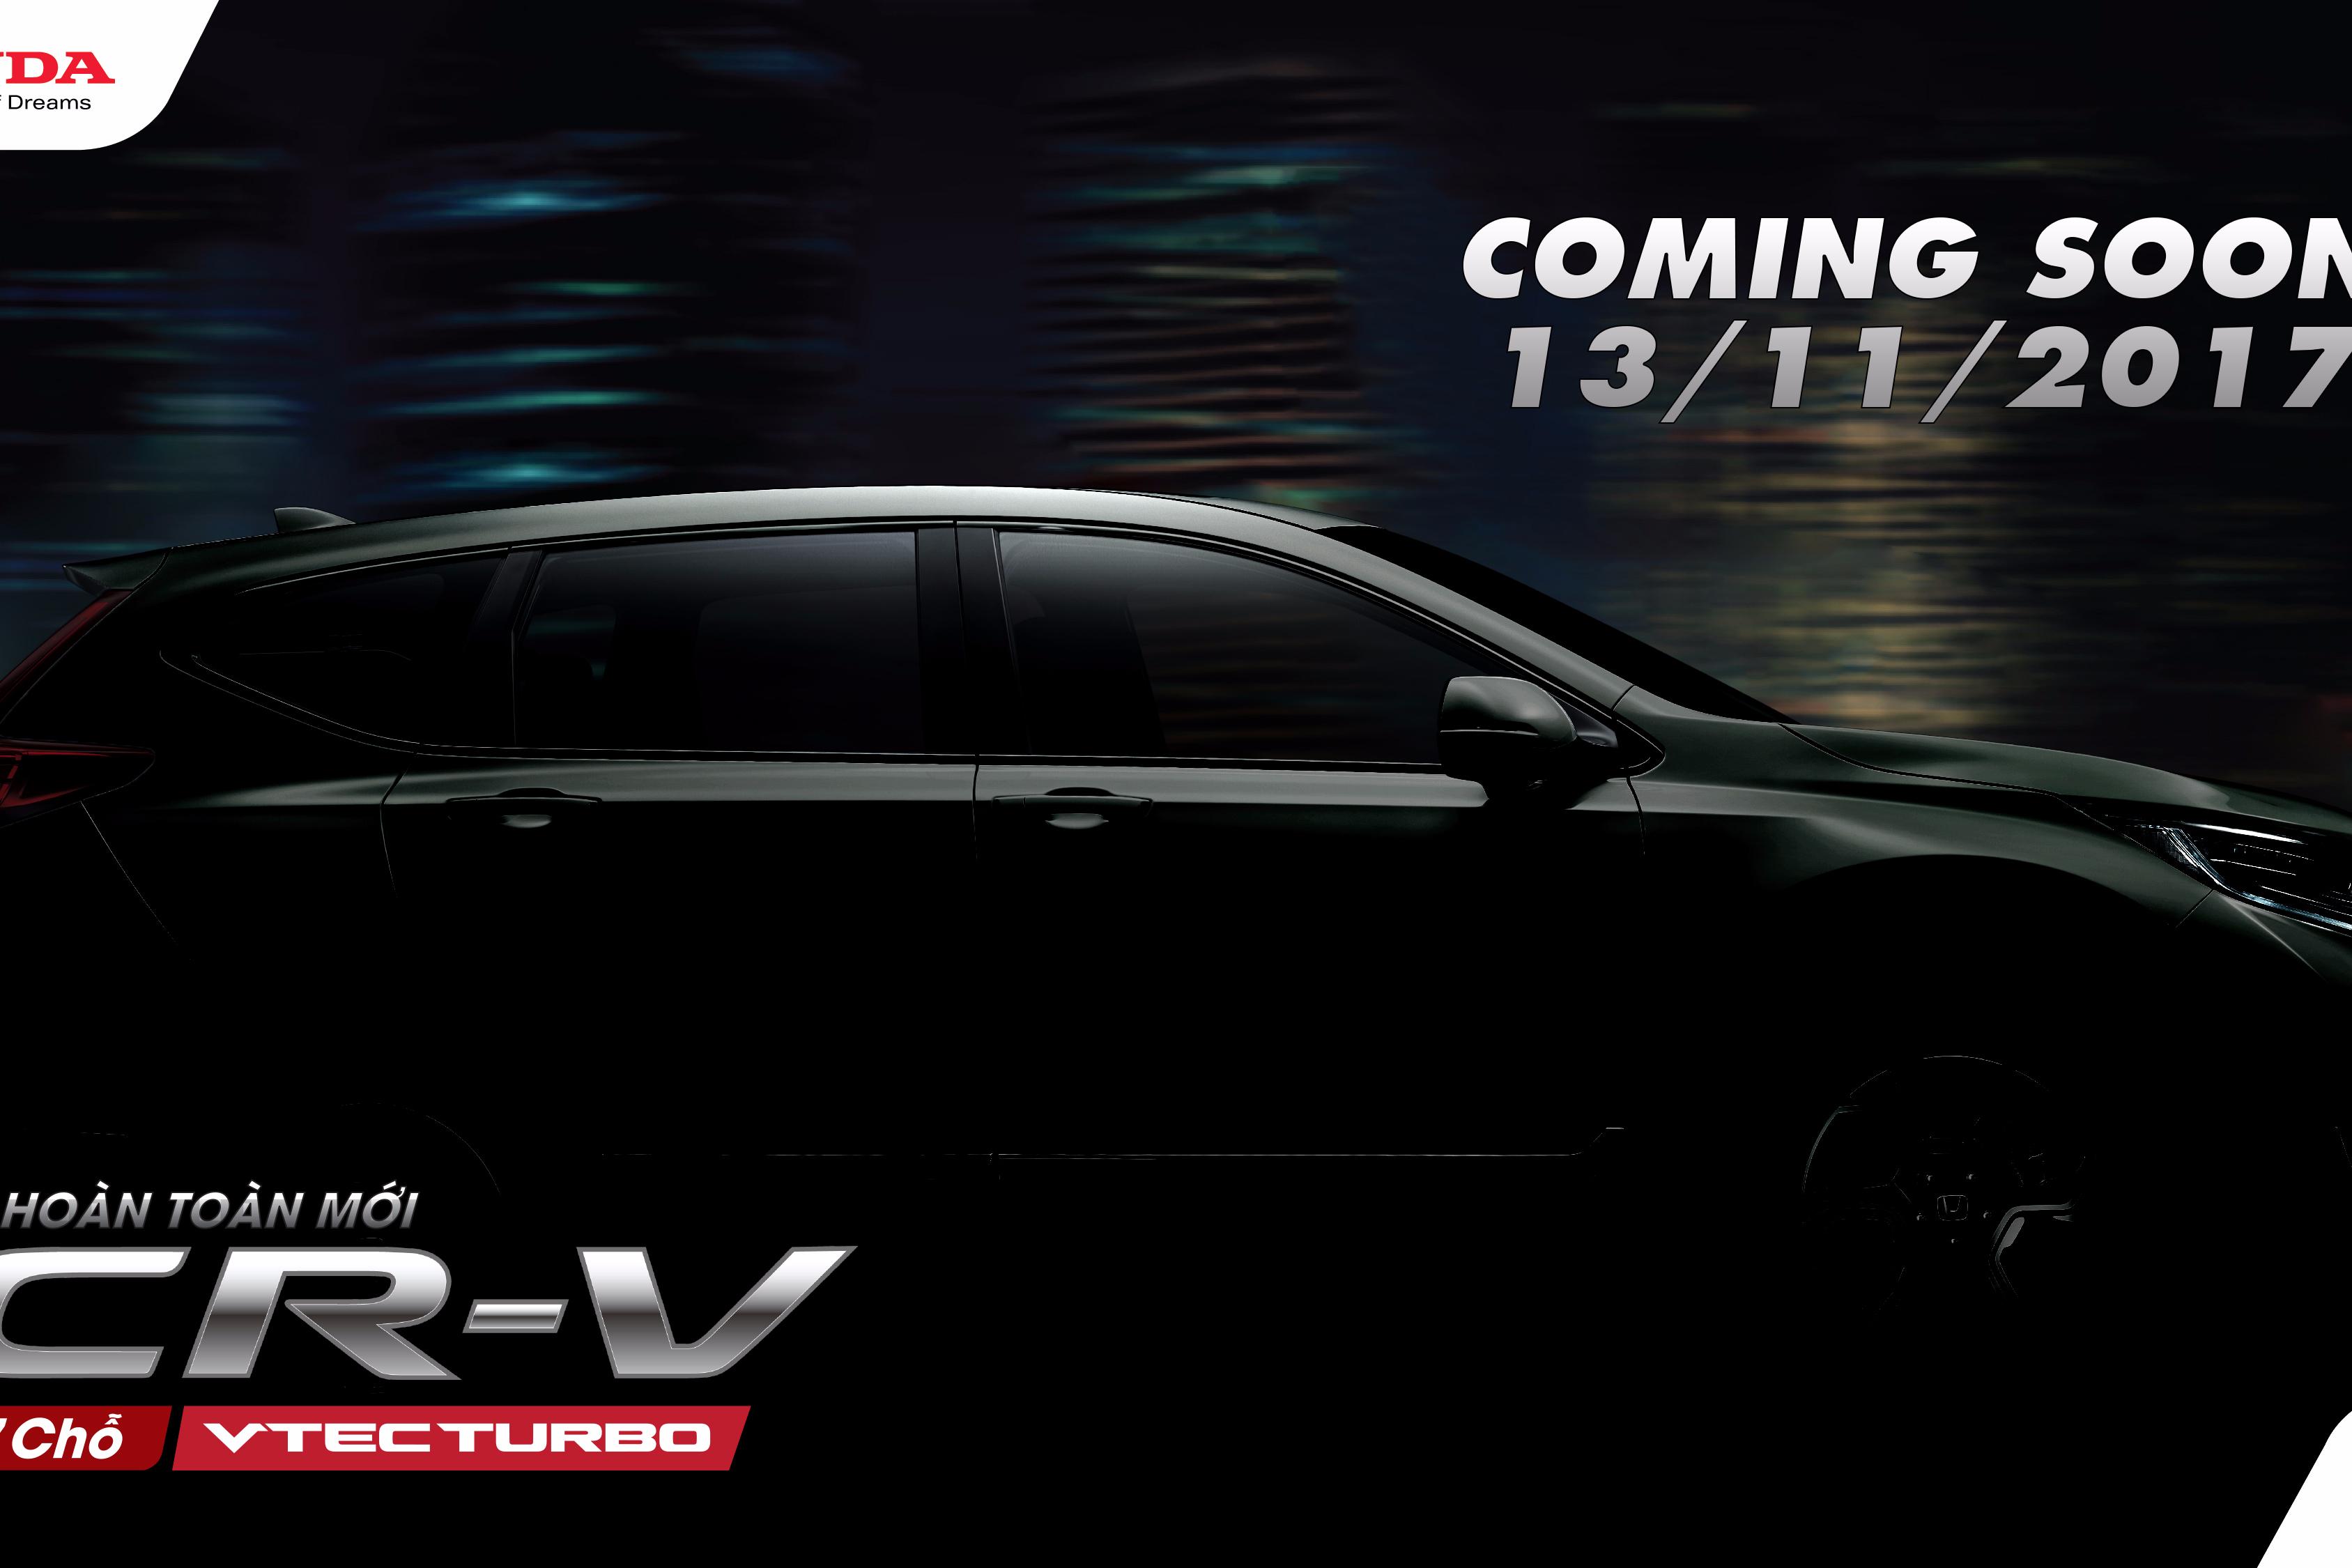 Honda CR-V thế hệ thứ 5 hoàn toàn mới sắp được ra mắt tại Việt Nam